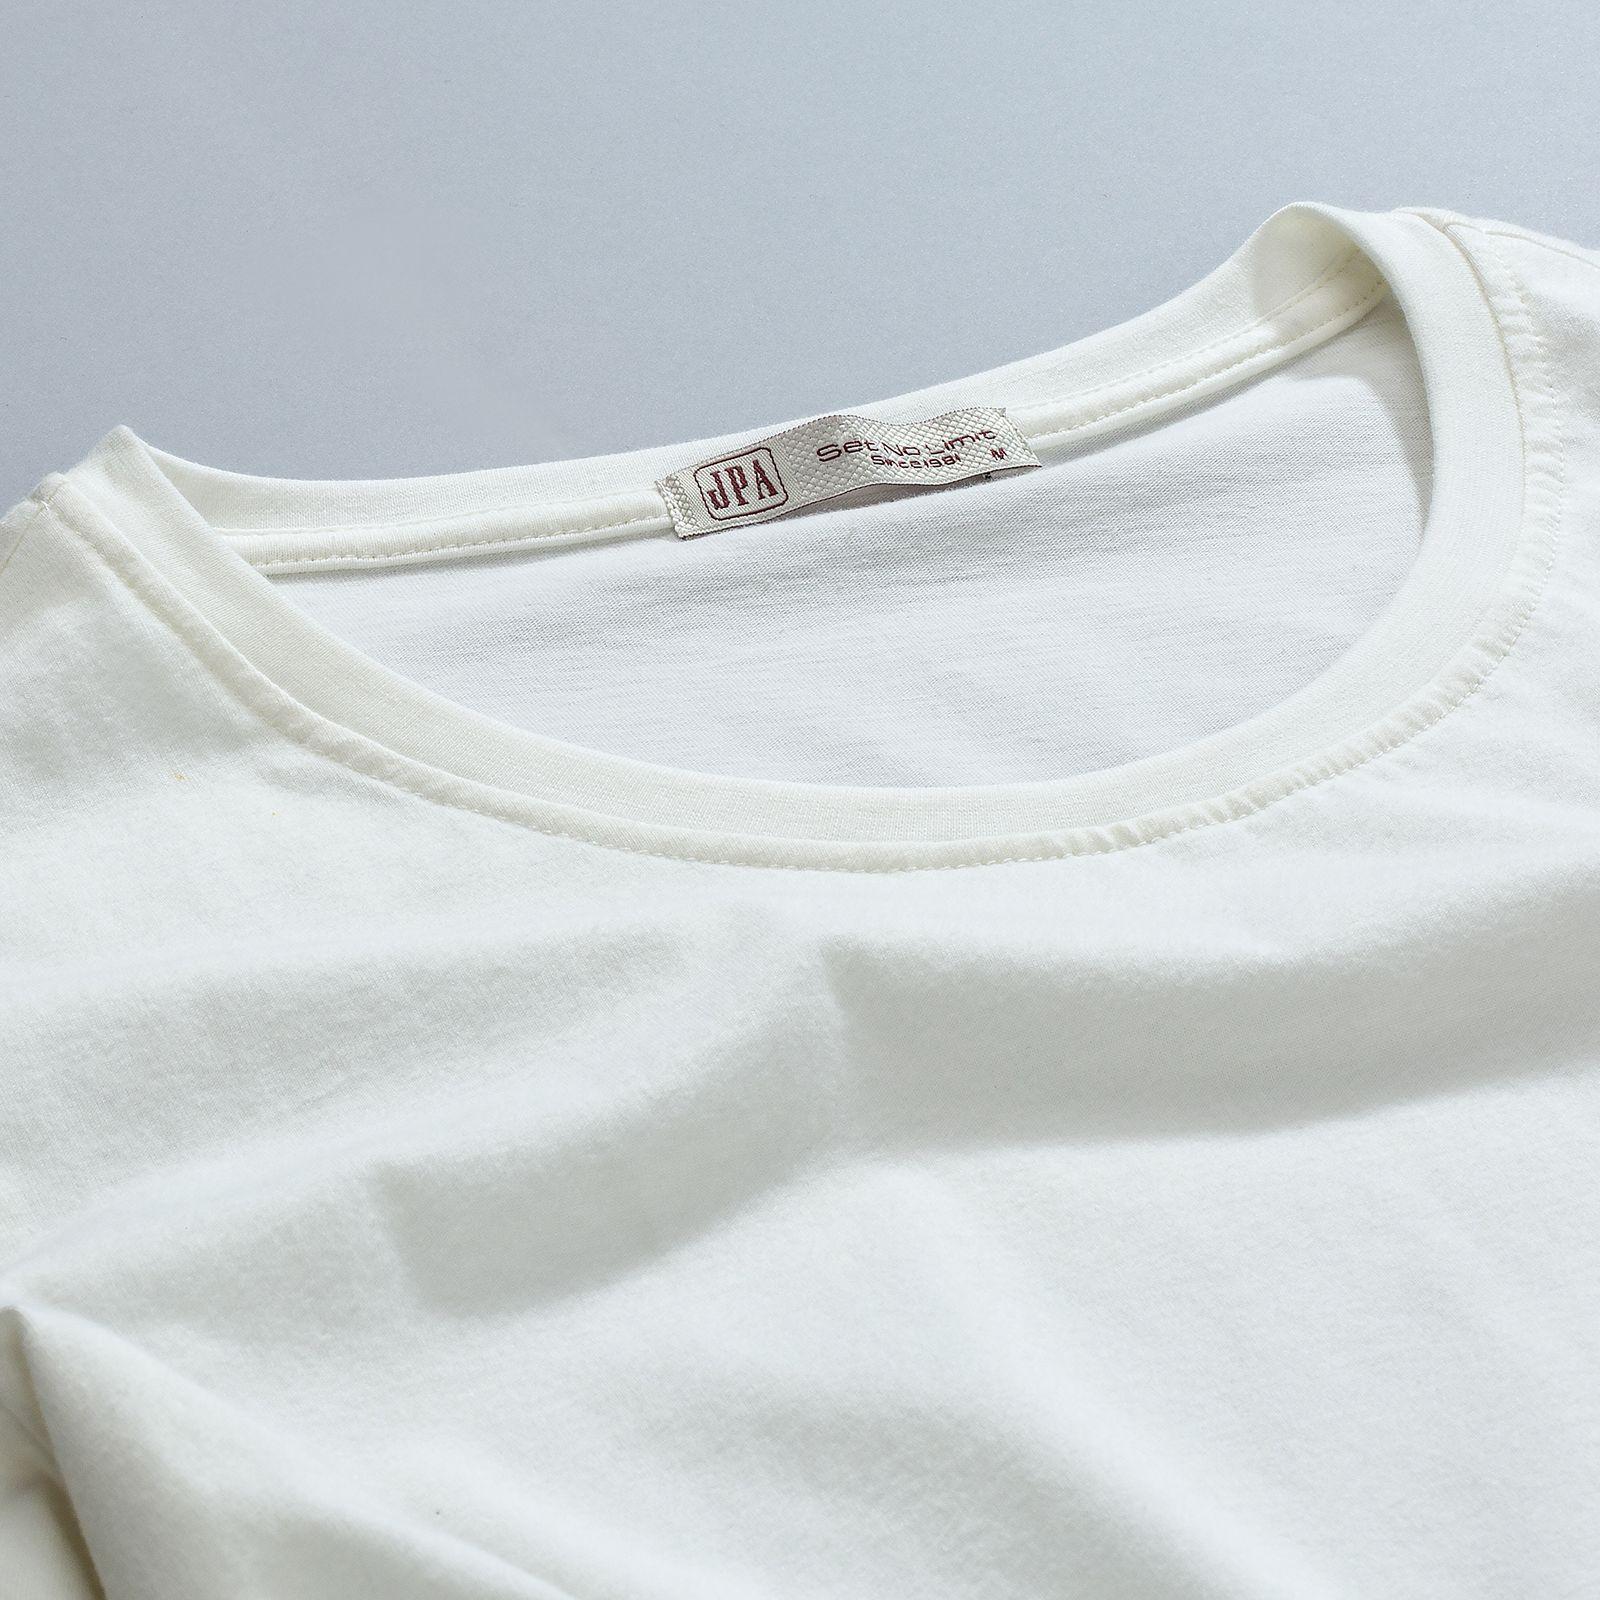 تی شرت زنانه جامه پوش آرا مدل 4012019475-05 -  - 11